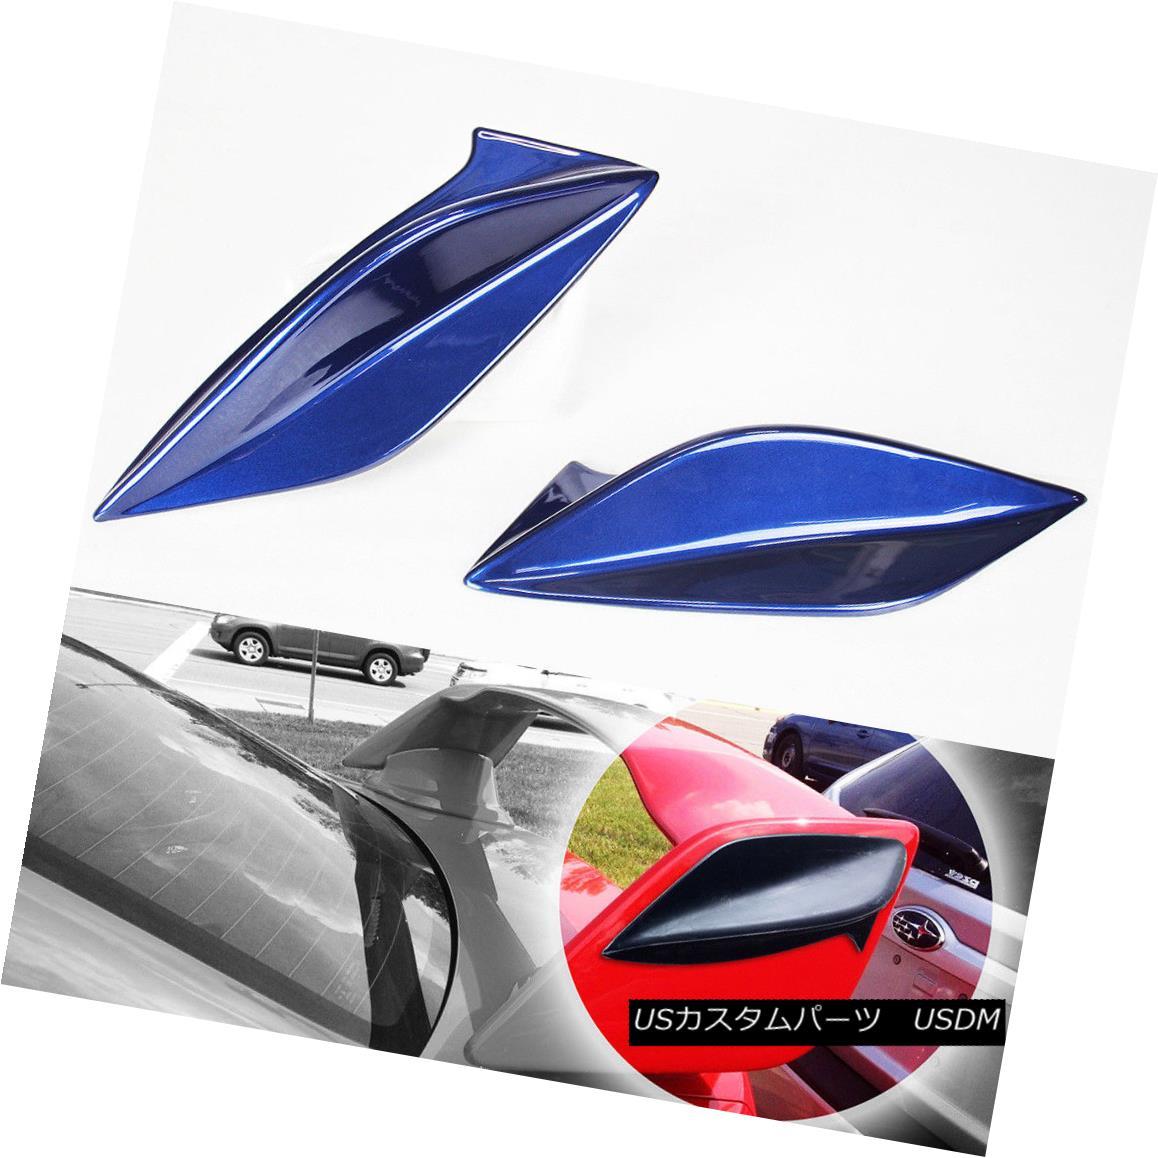 エアロパーツ Painted Color #E8H For Subaru WRX 4th Sedan For STI Spoiler Side Fin Cover 15-18 塗装色#E8Hスバルスポイラーサイドフィンカバー用スバルWRX第4セダン用15-18